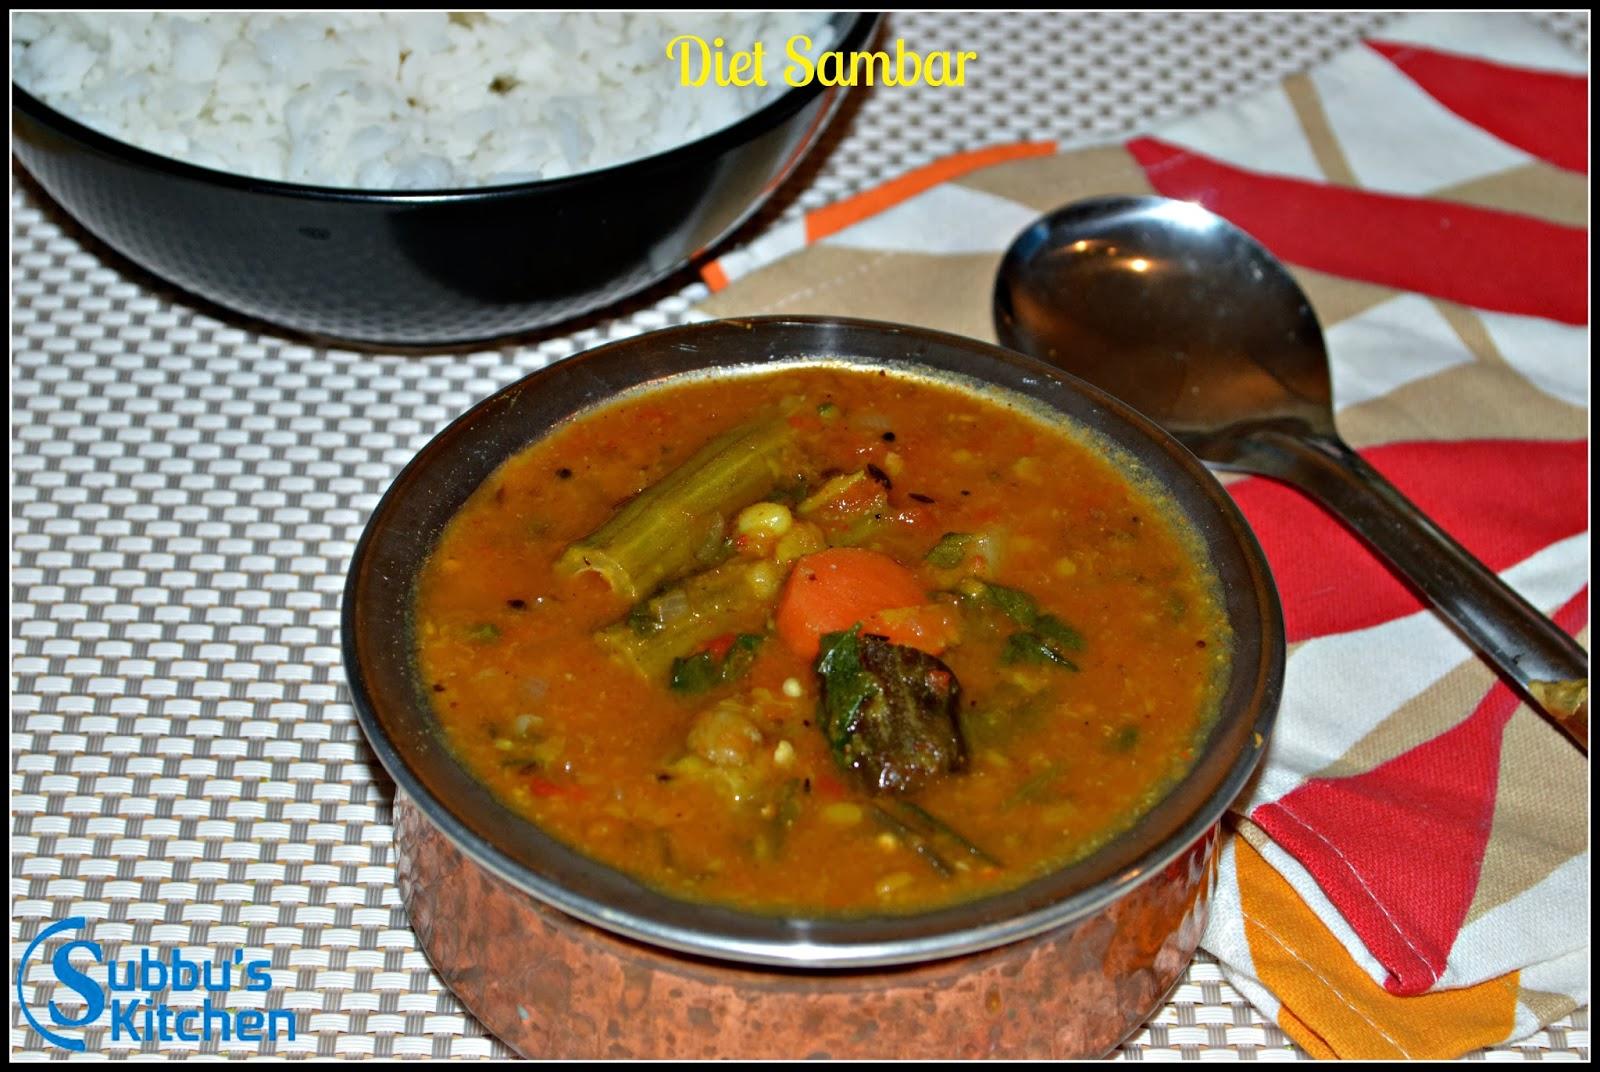 Diet Sambar